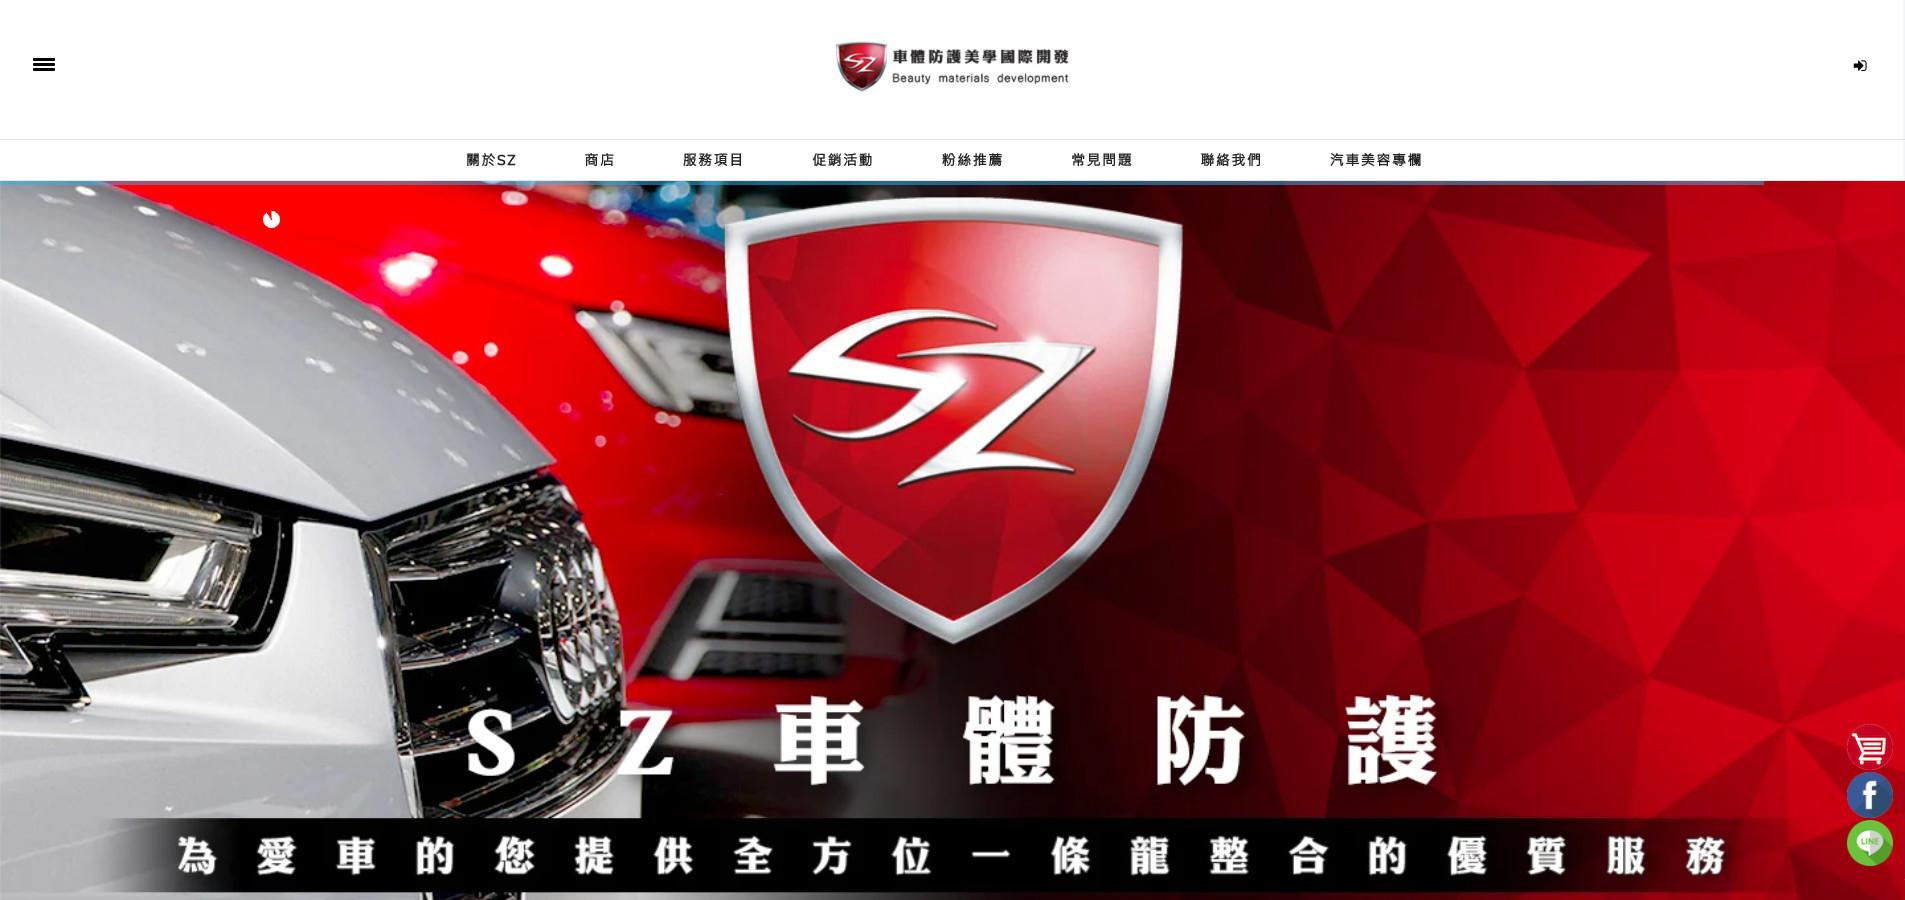 新北SEO網頁設計成功案例-SZ車體美學汽車美容清潔用品封面照